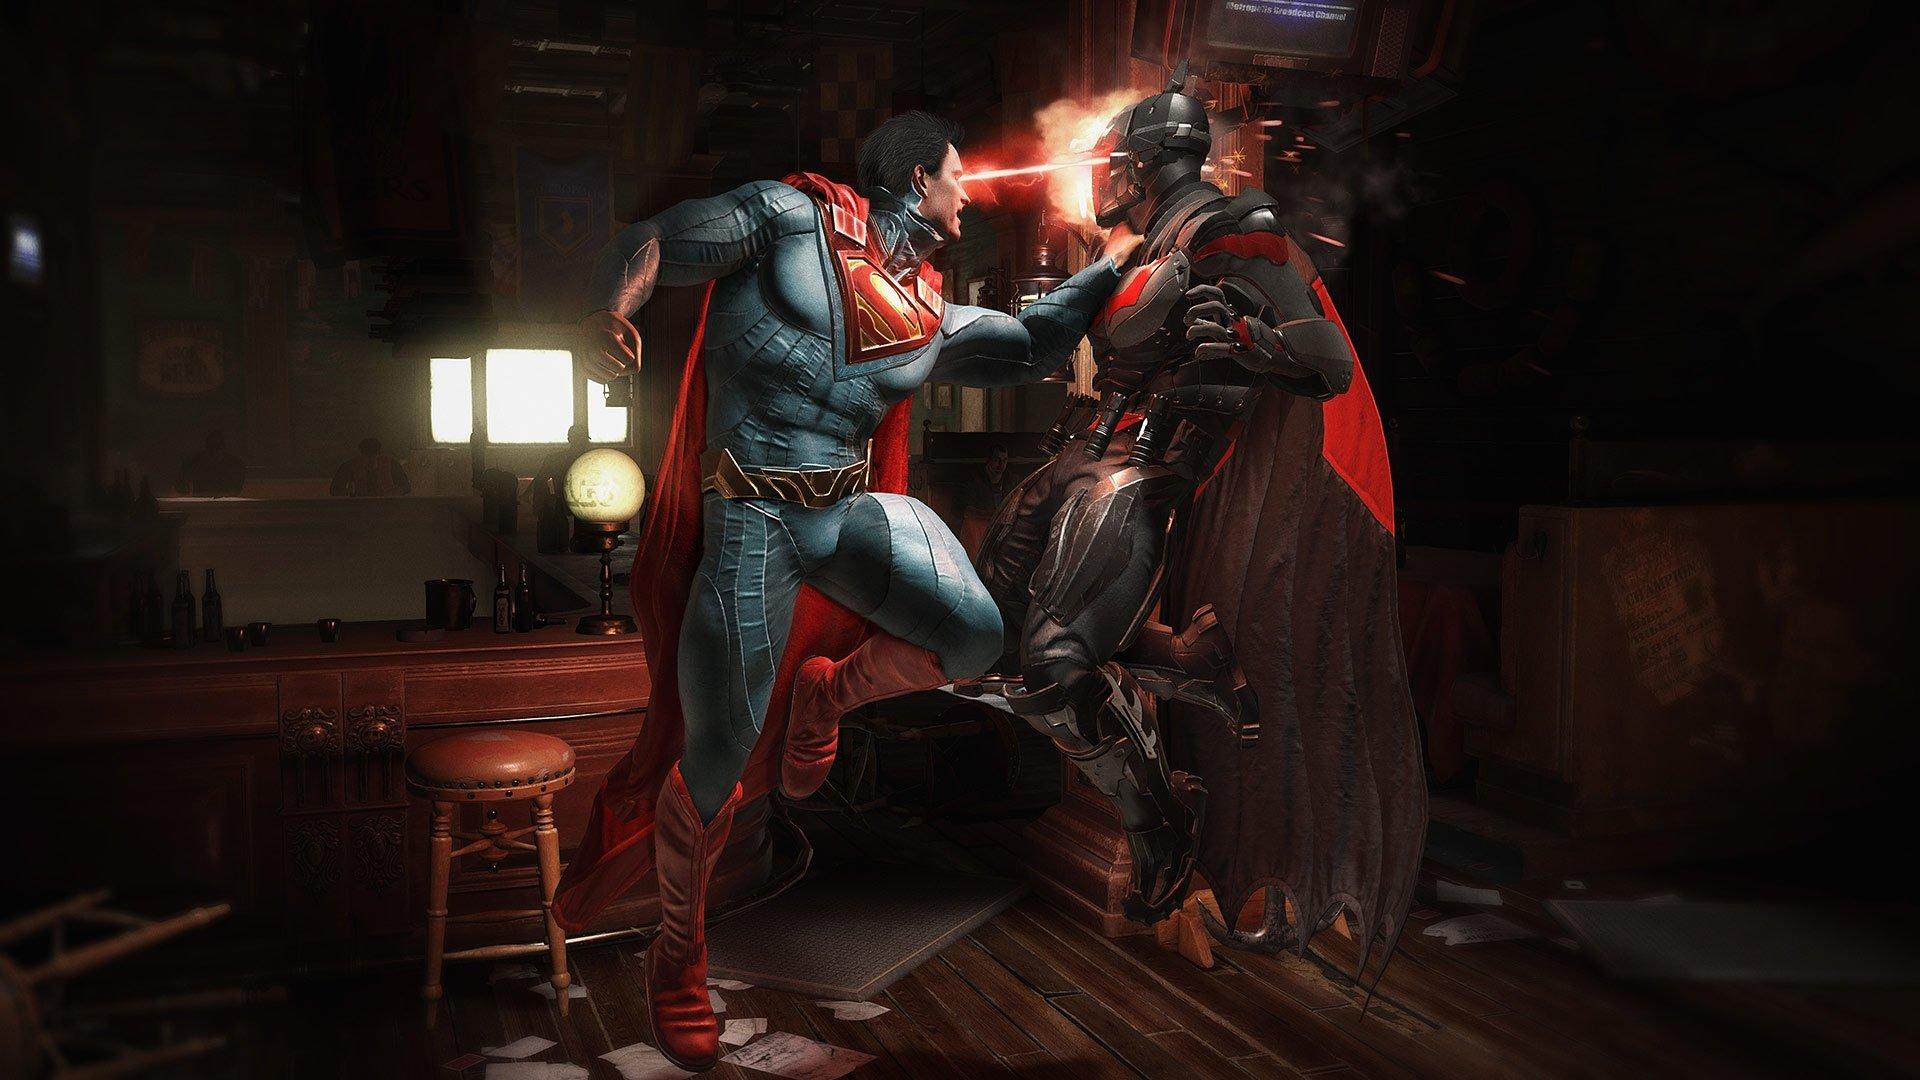 Слух: Mortal Kombat 12 выйдет до Injustice 3 из-за рисков